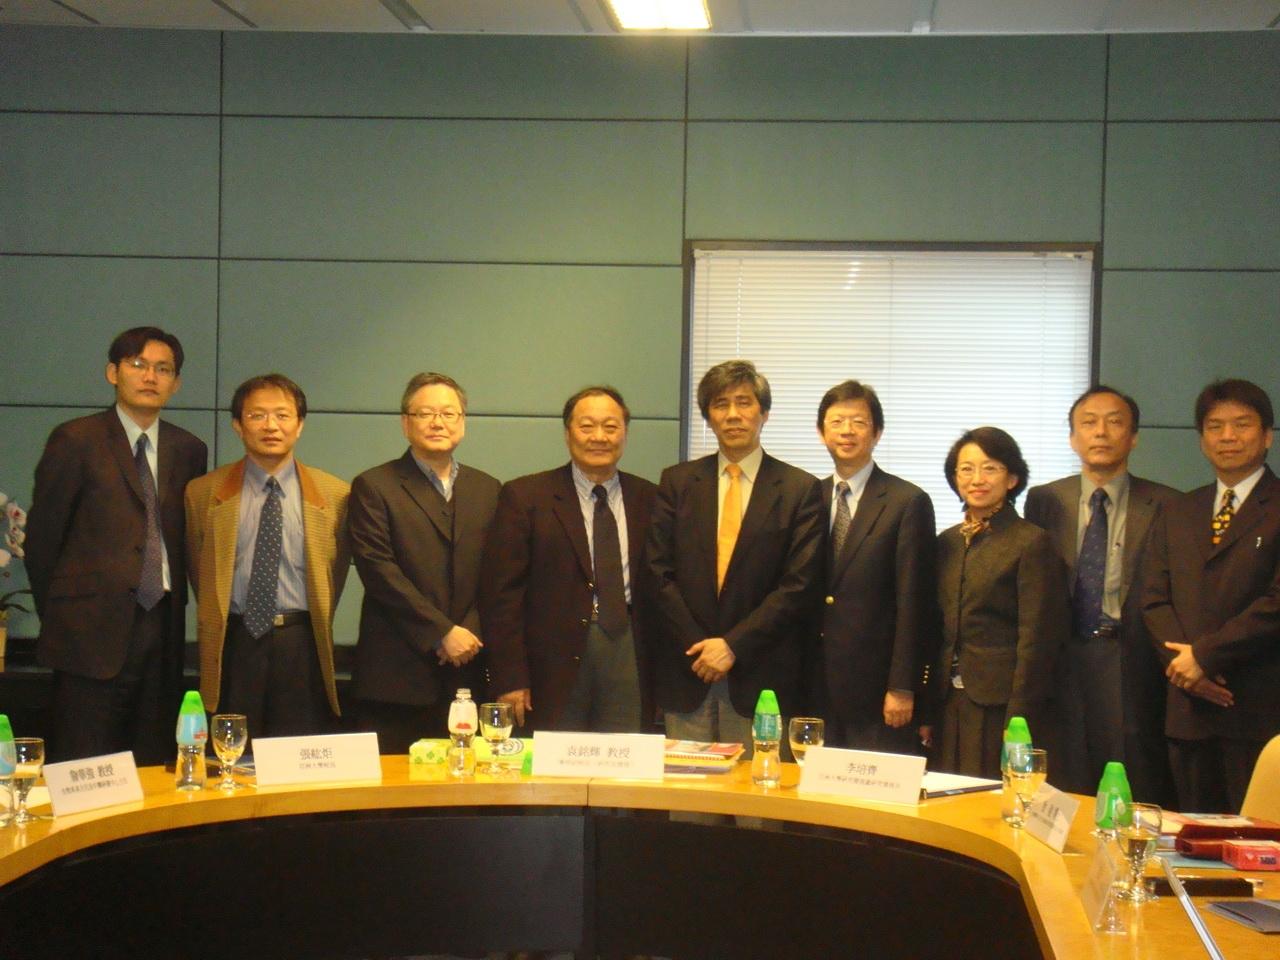 他山之石─香港科技大學邁向國際頂尖大學的成功之道